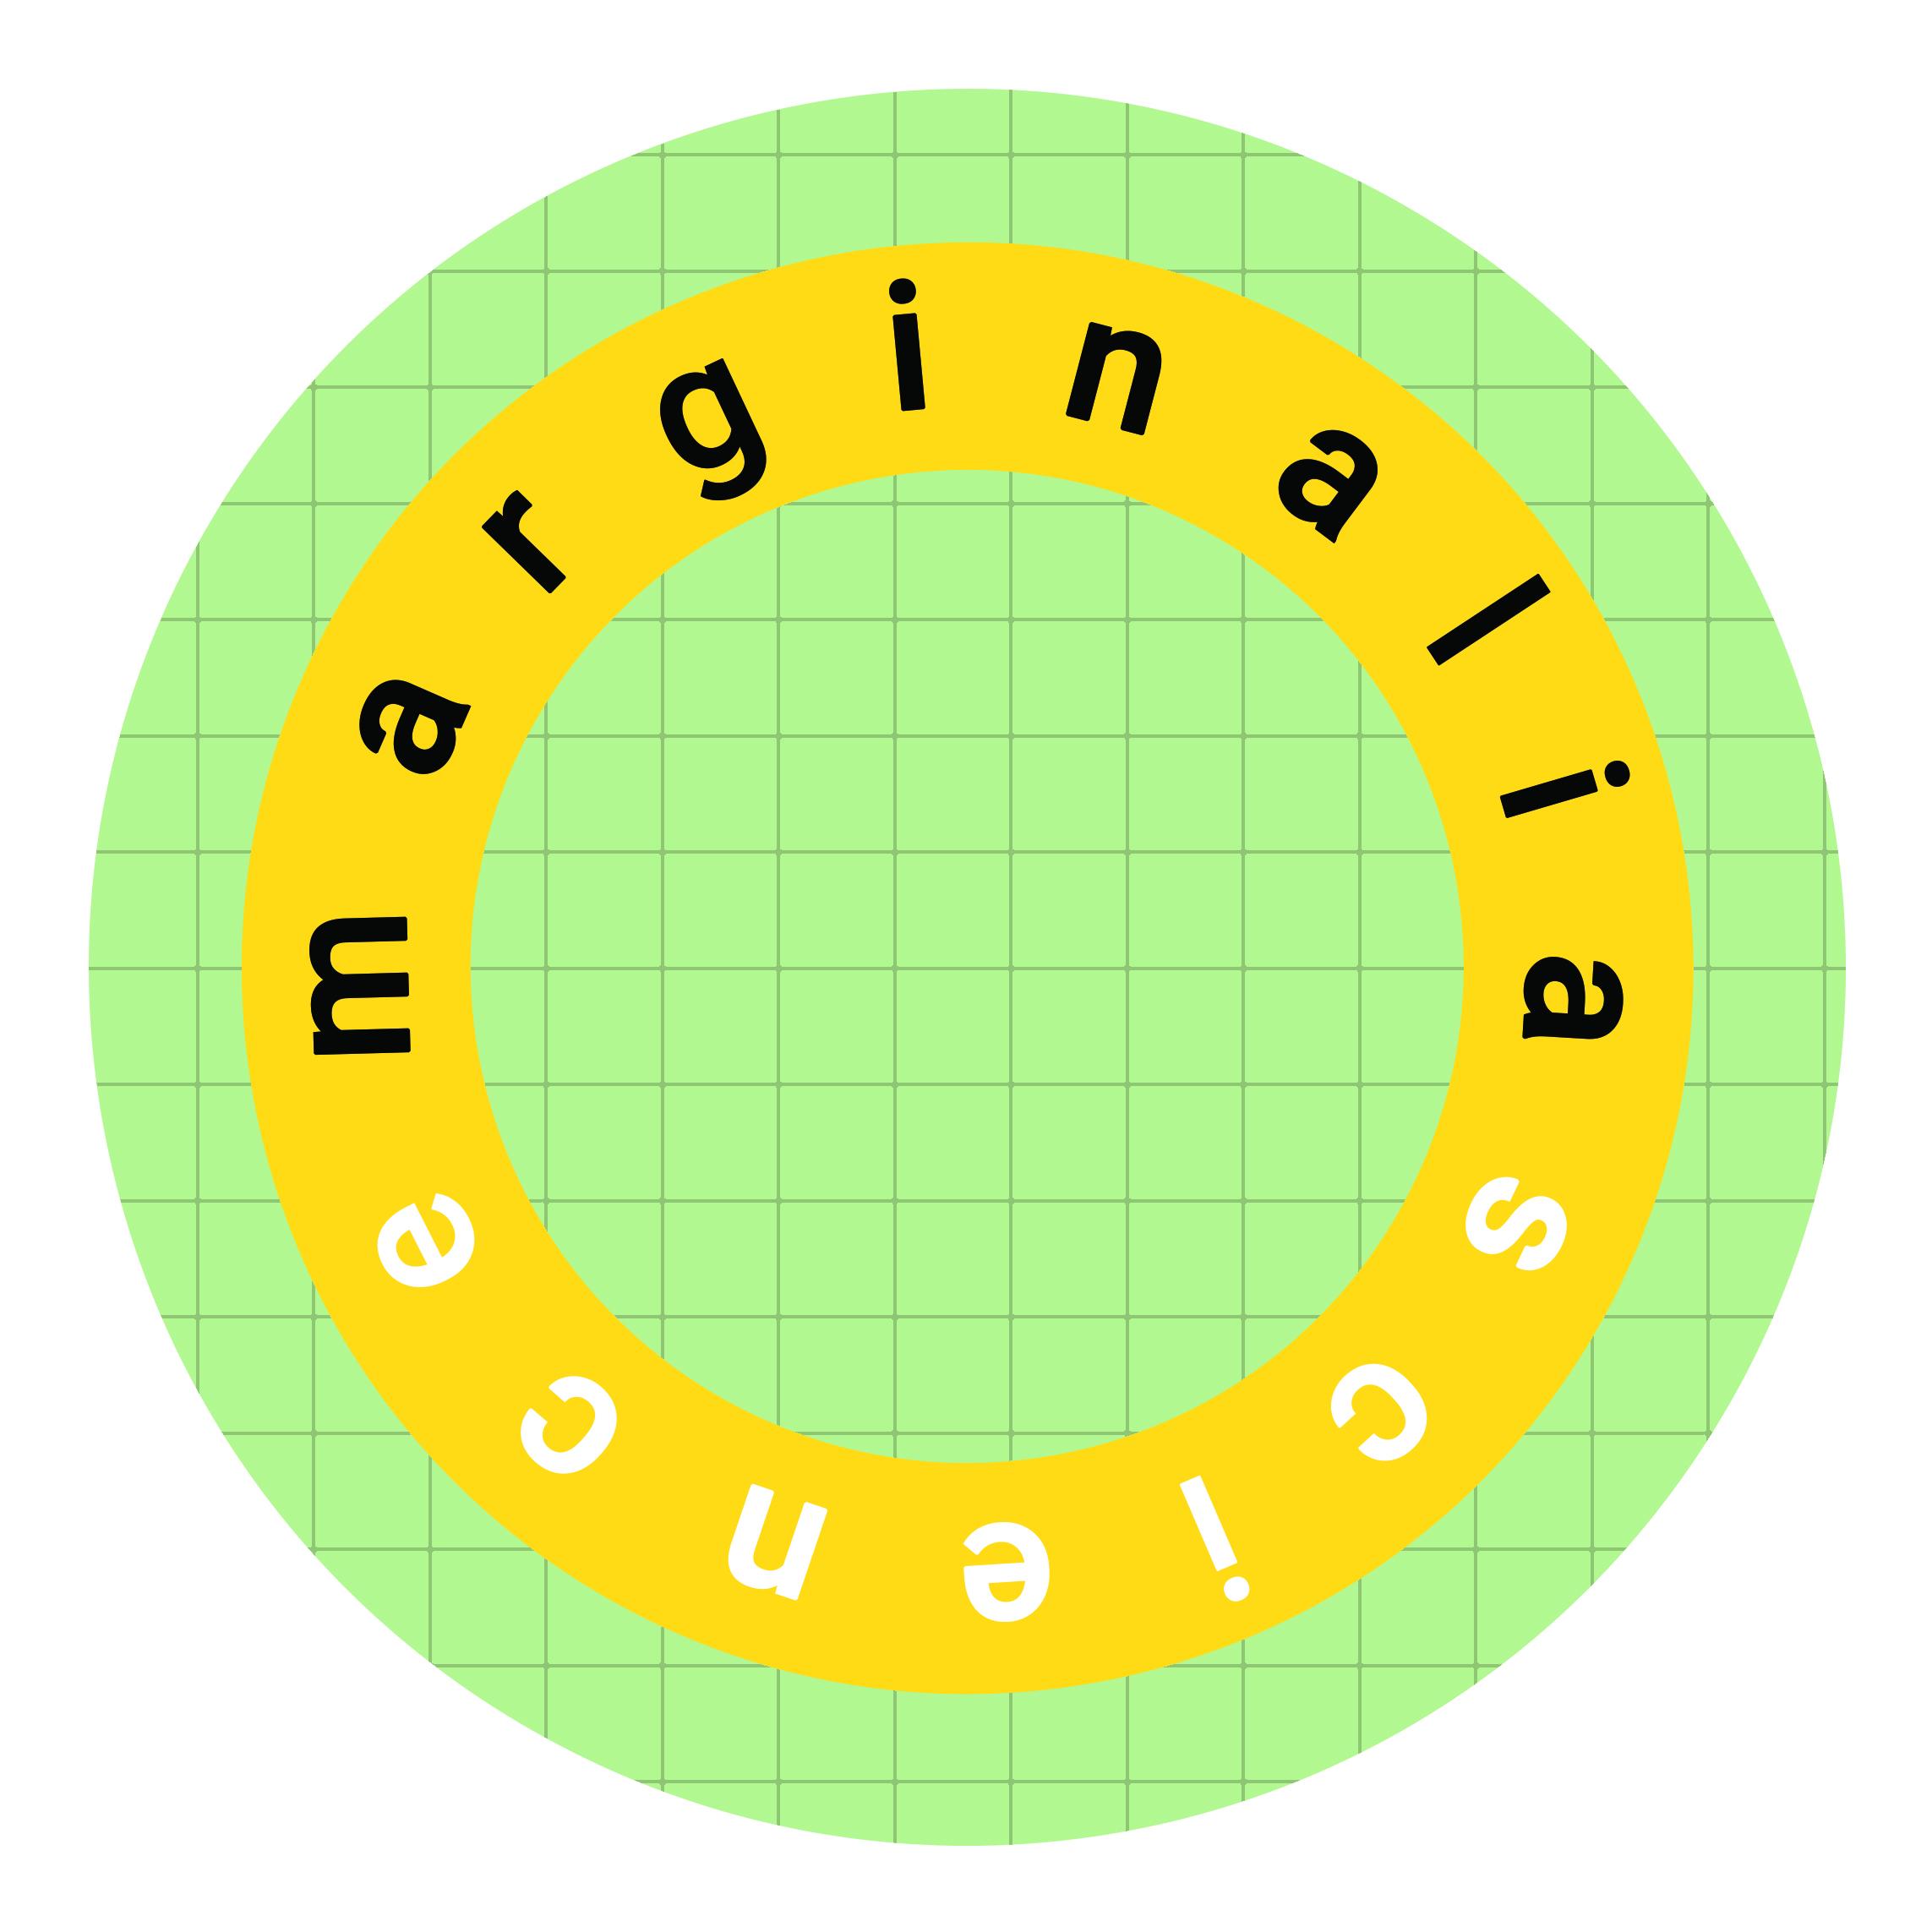 Marginalia_Button (2).jpg